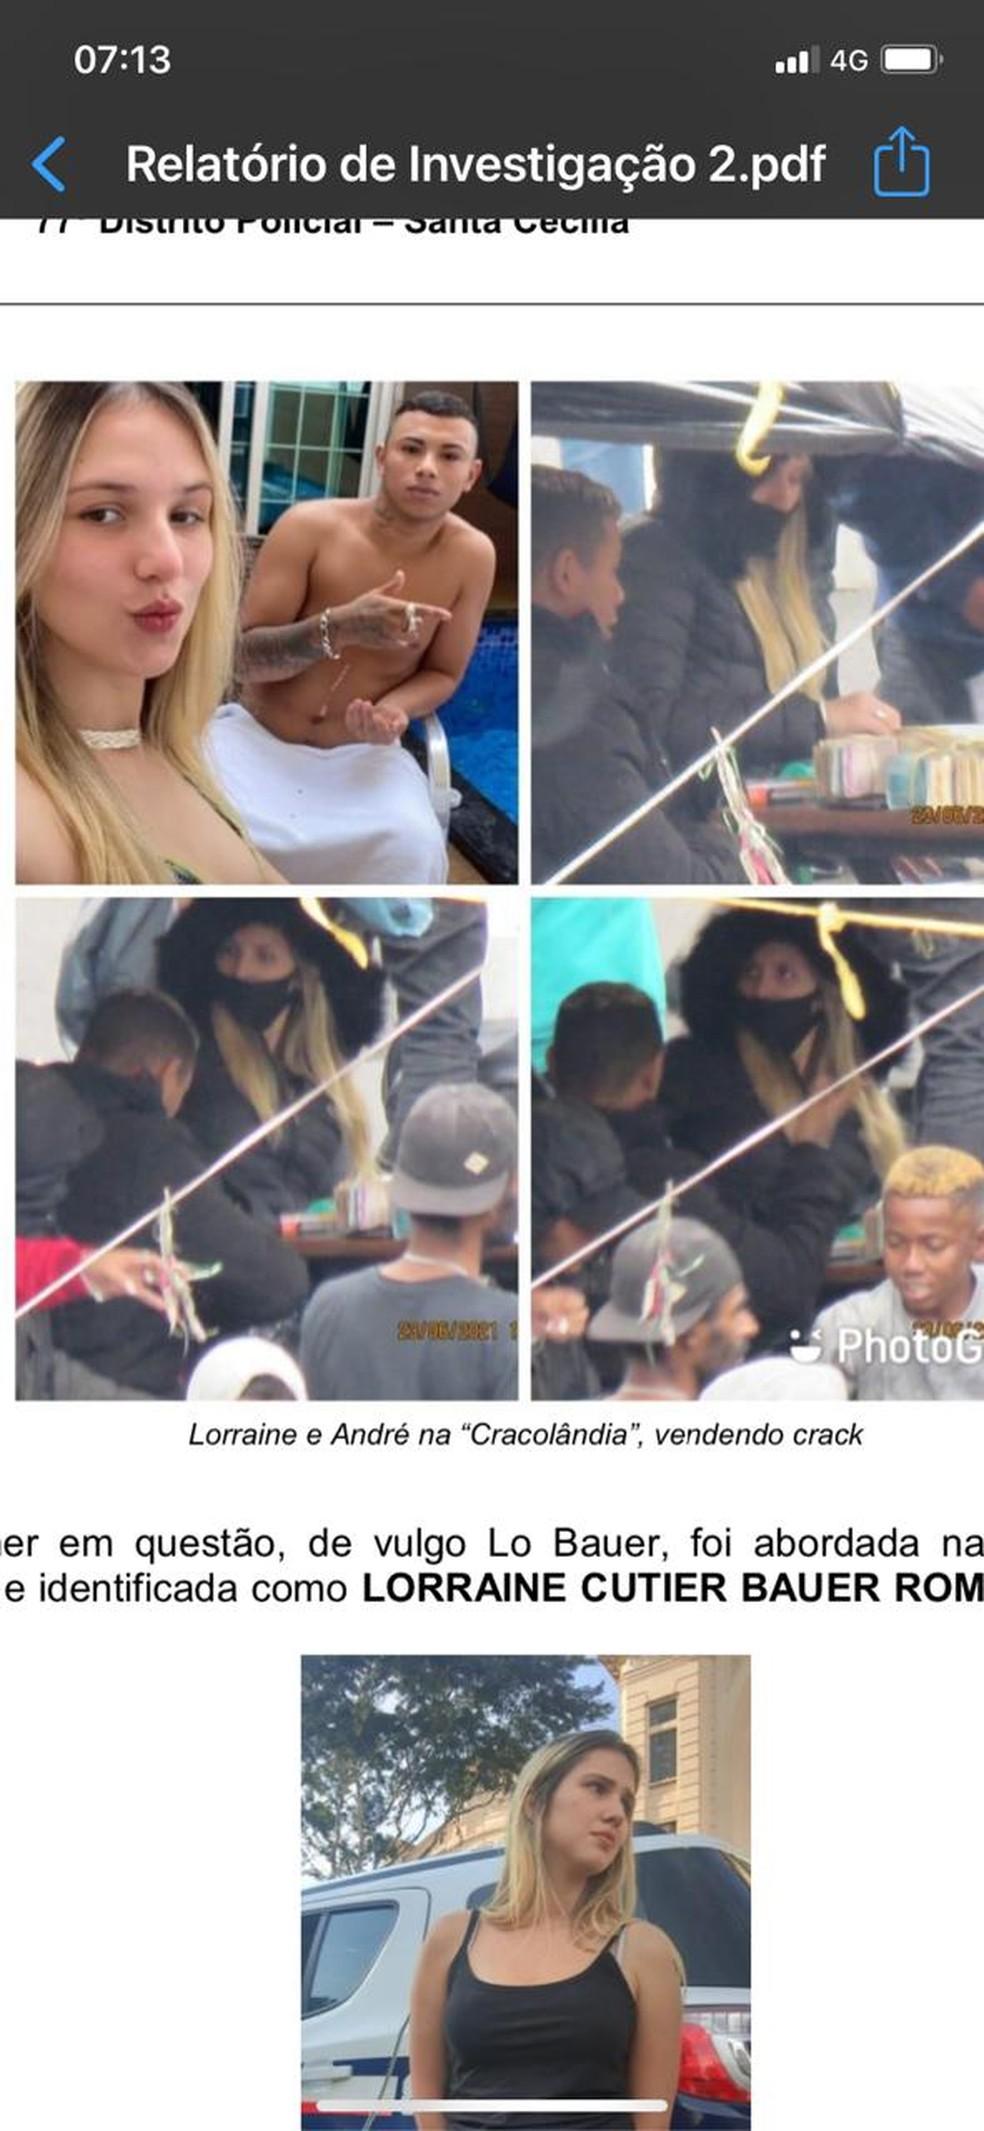 Relatório da polícia mostra Lorraine em tendas na Cracolândia — Foto: Reprodução